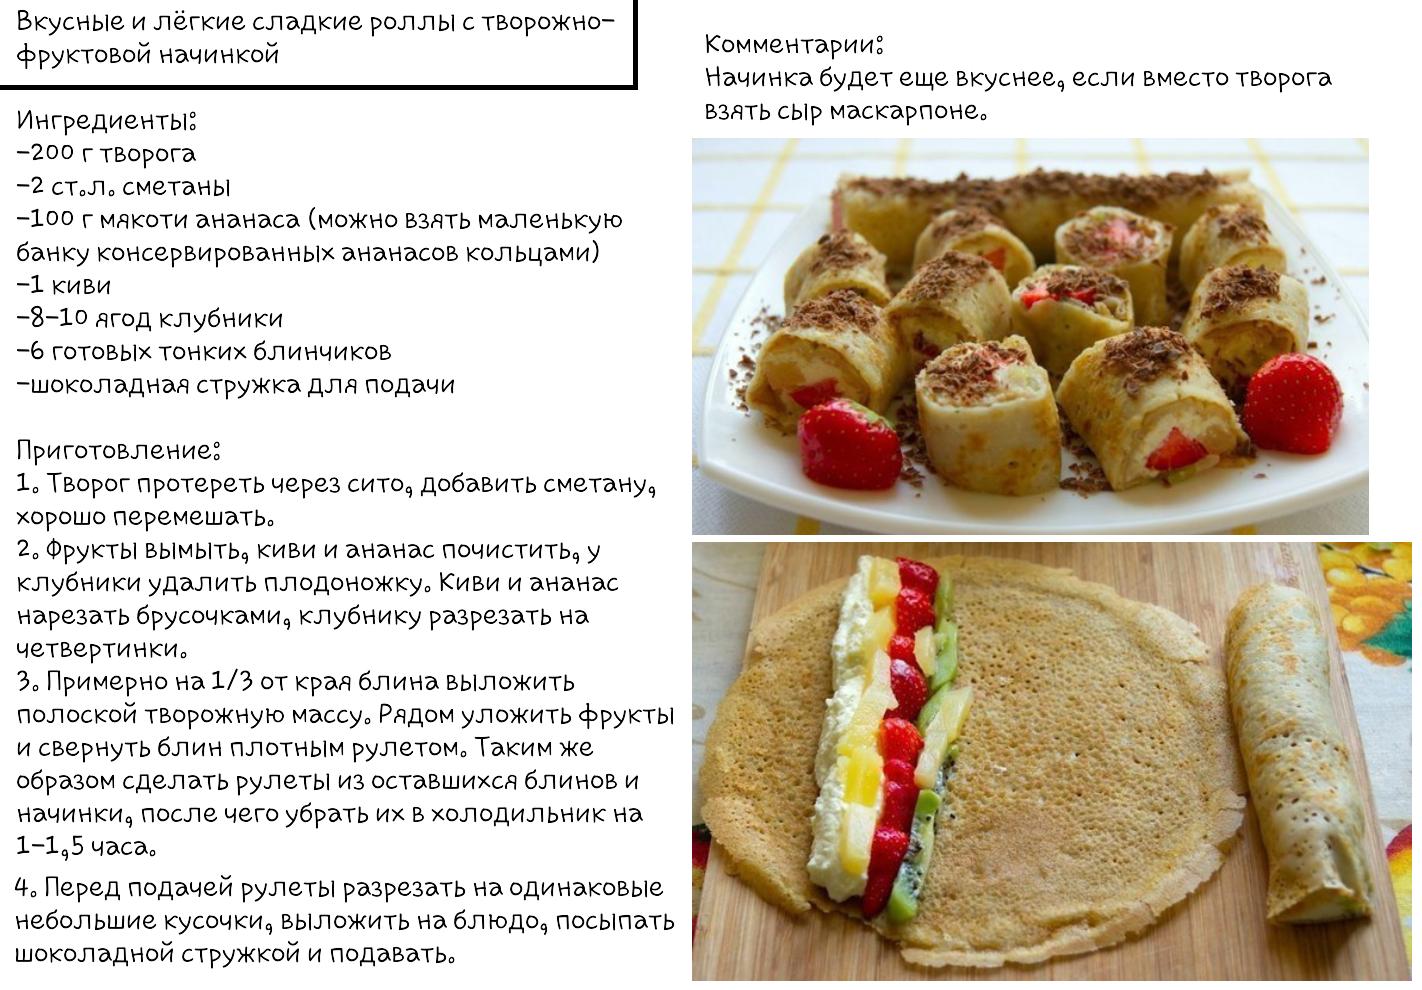 Рецепты приготовления налима, а также икры и печени этой рыбы